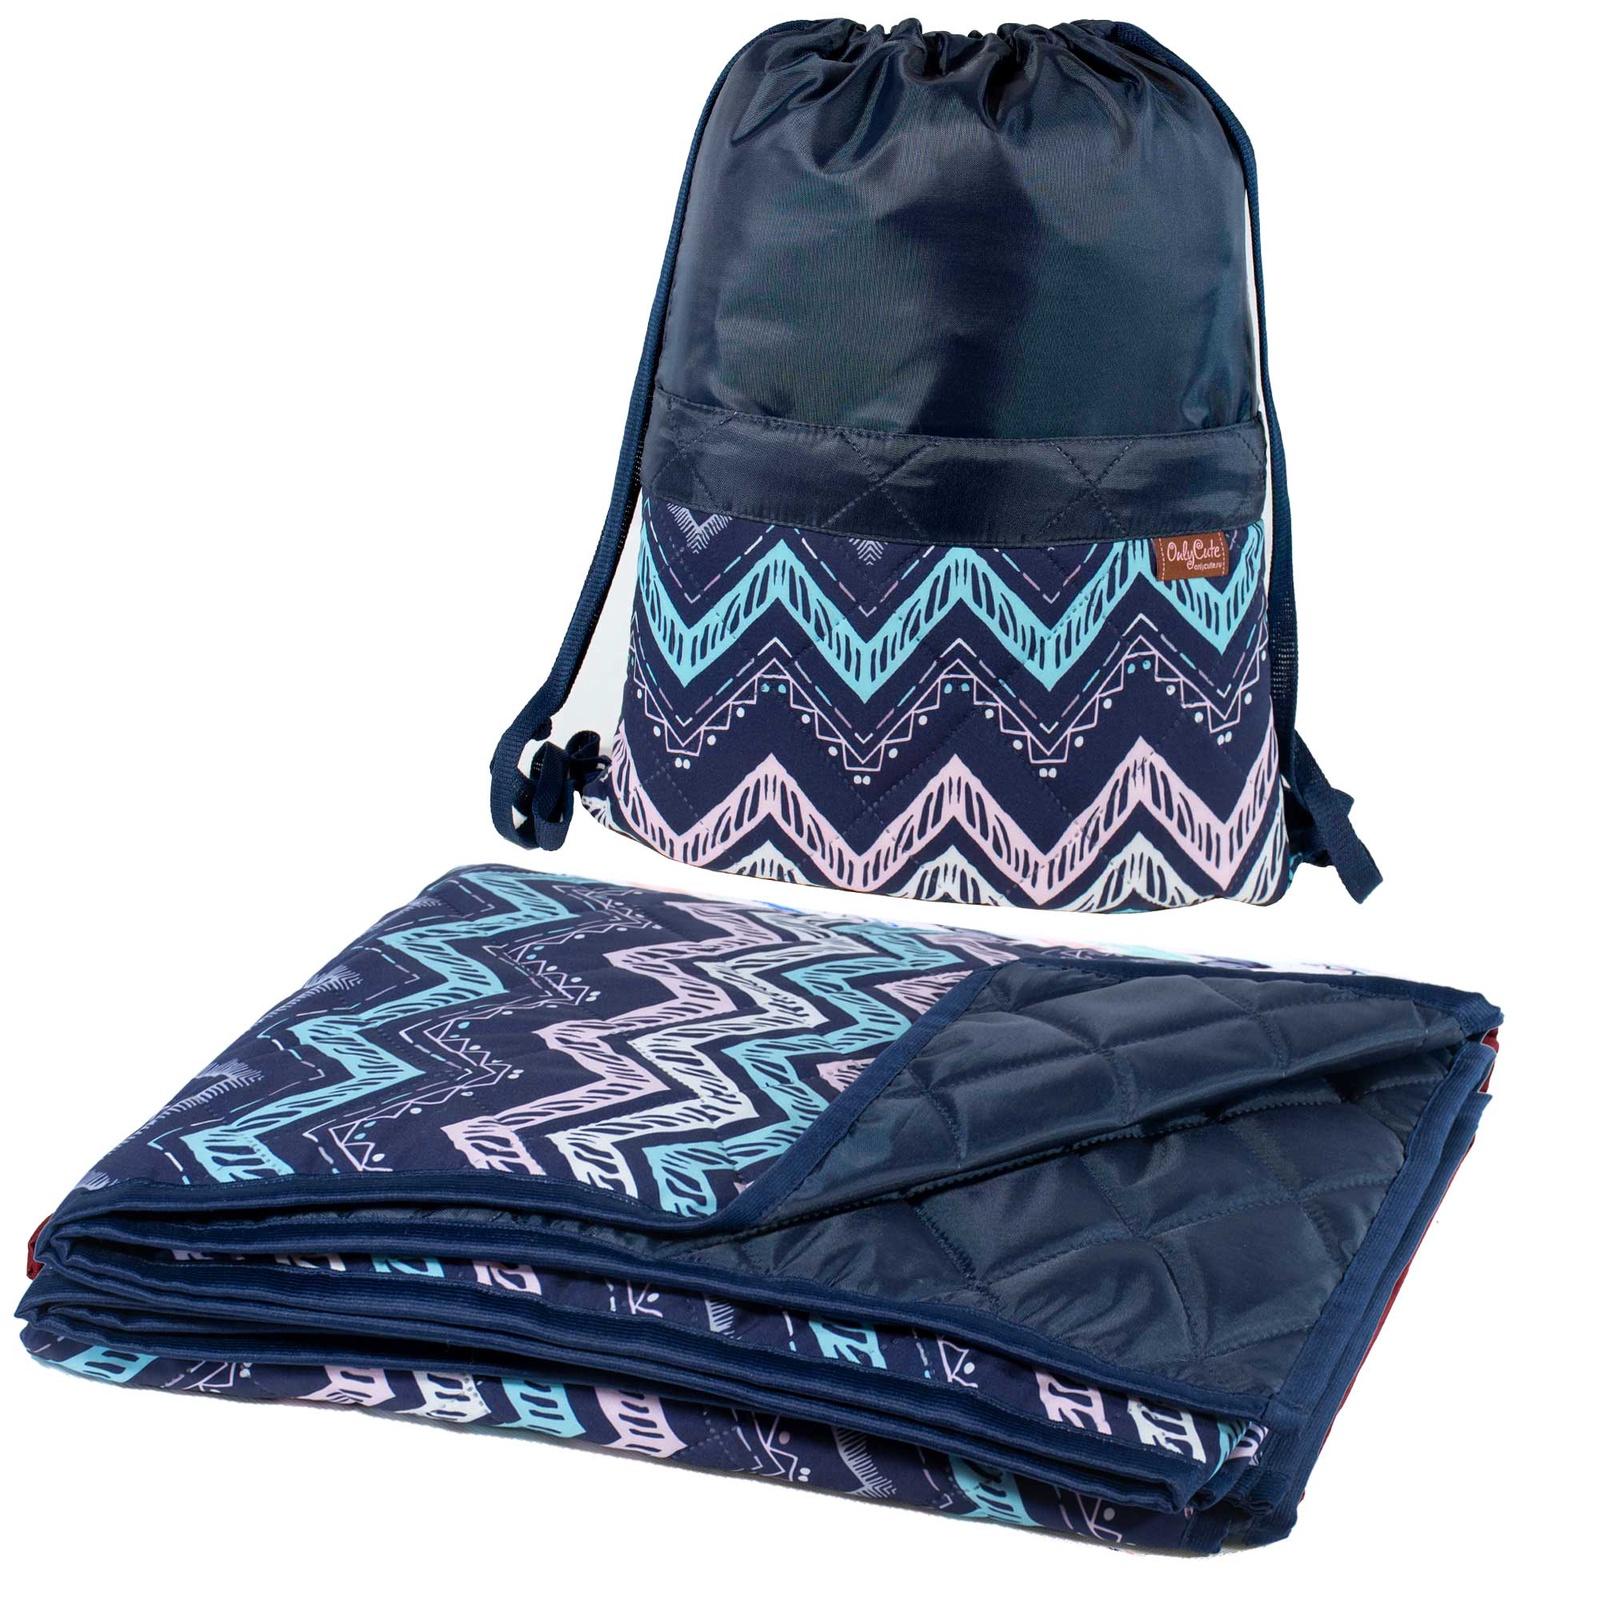 Коврик в рюкзаке OnlyCute Зигзаги синий